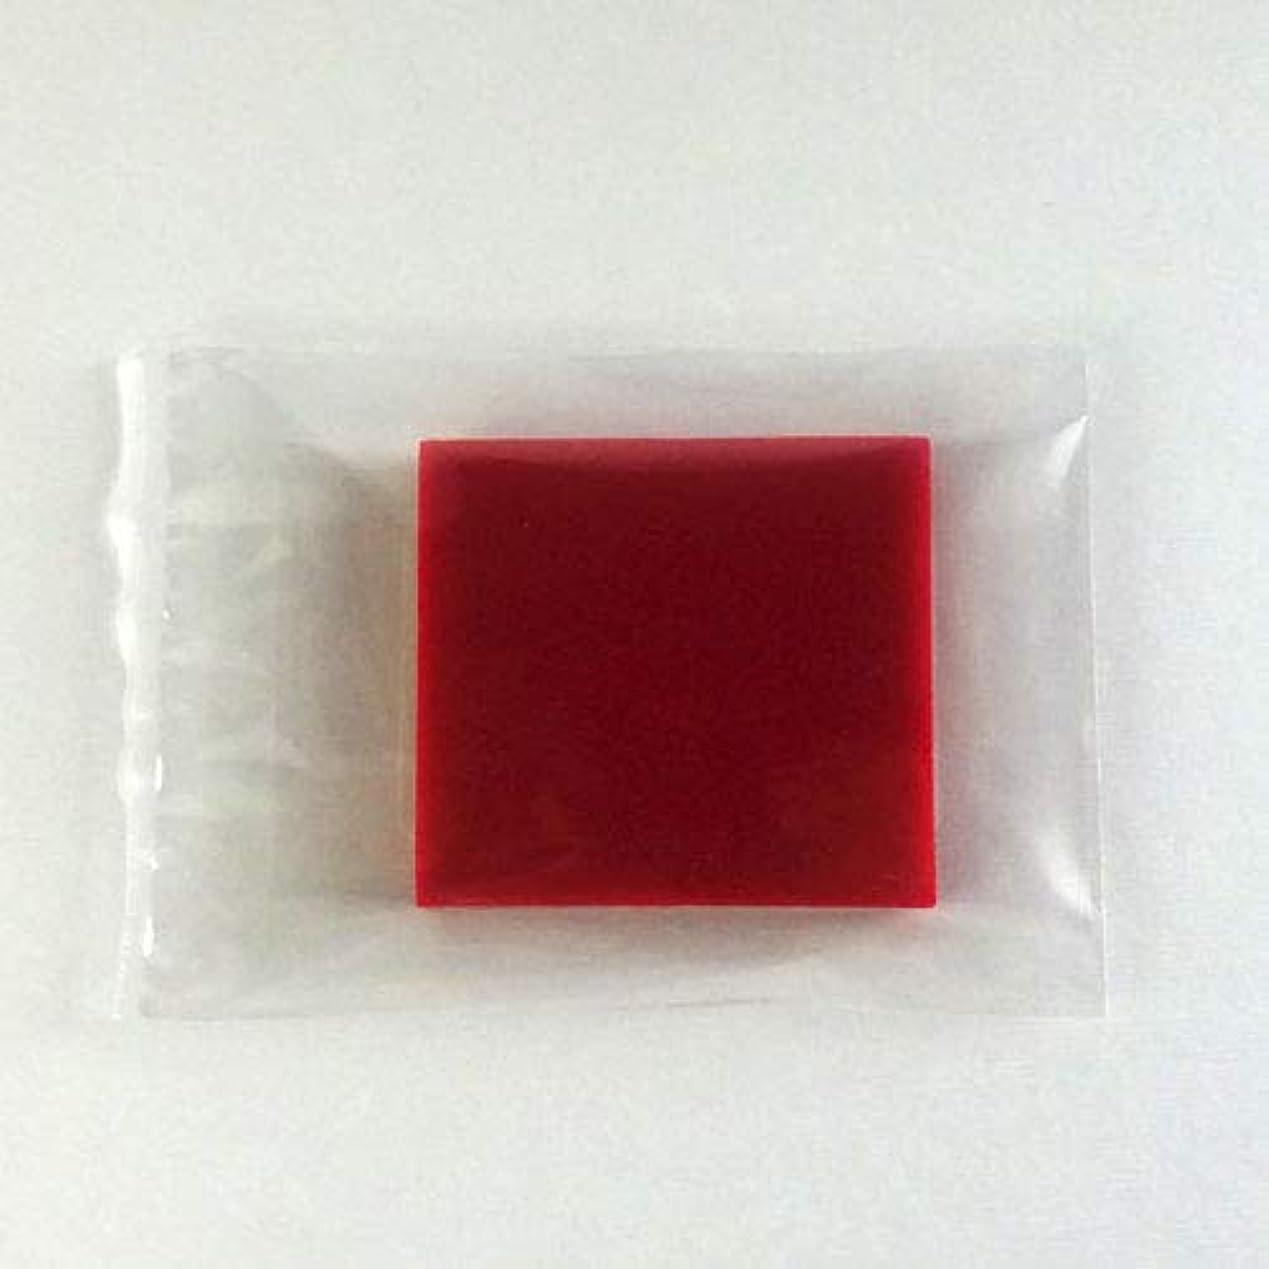 不適裁判所箱グリセリンソープ MPソープ 色チップ 赤(レッド) 120g(30g x 4pc)